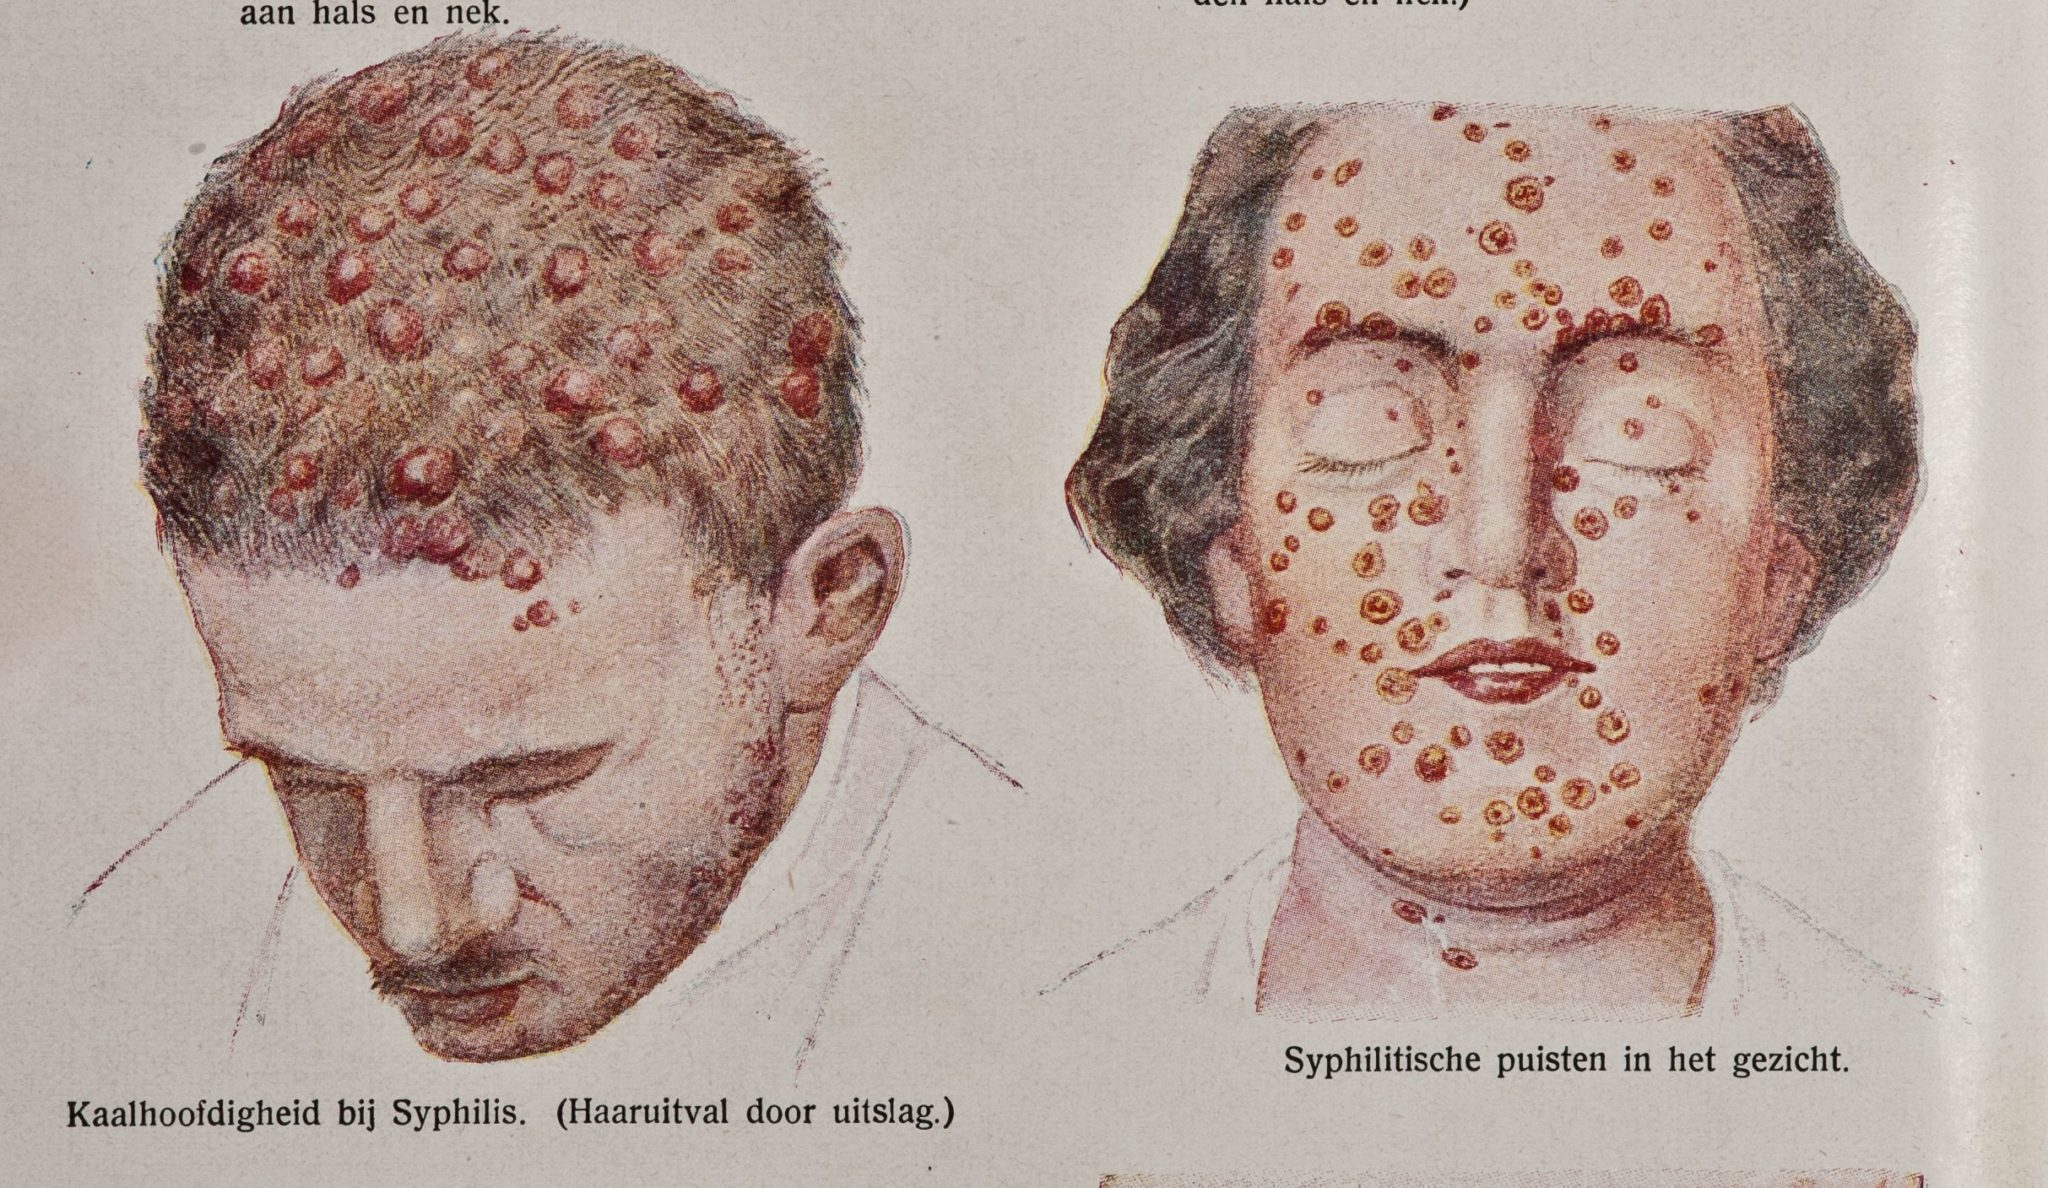 Симптомы сифилиса у женщин